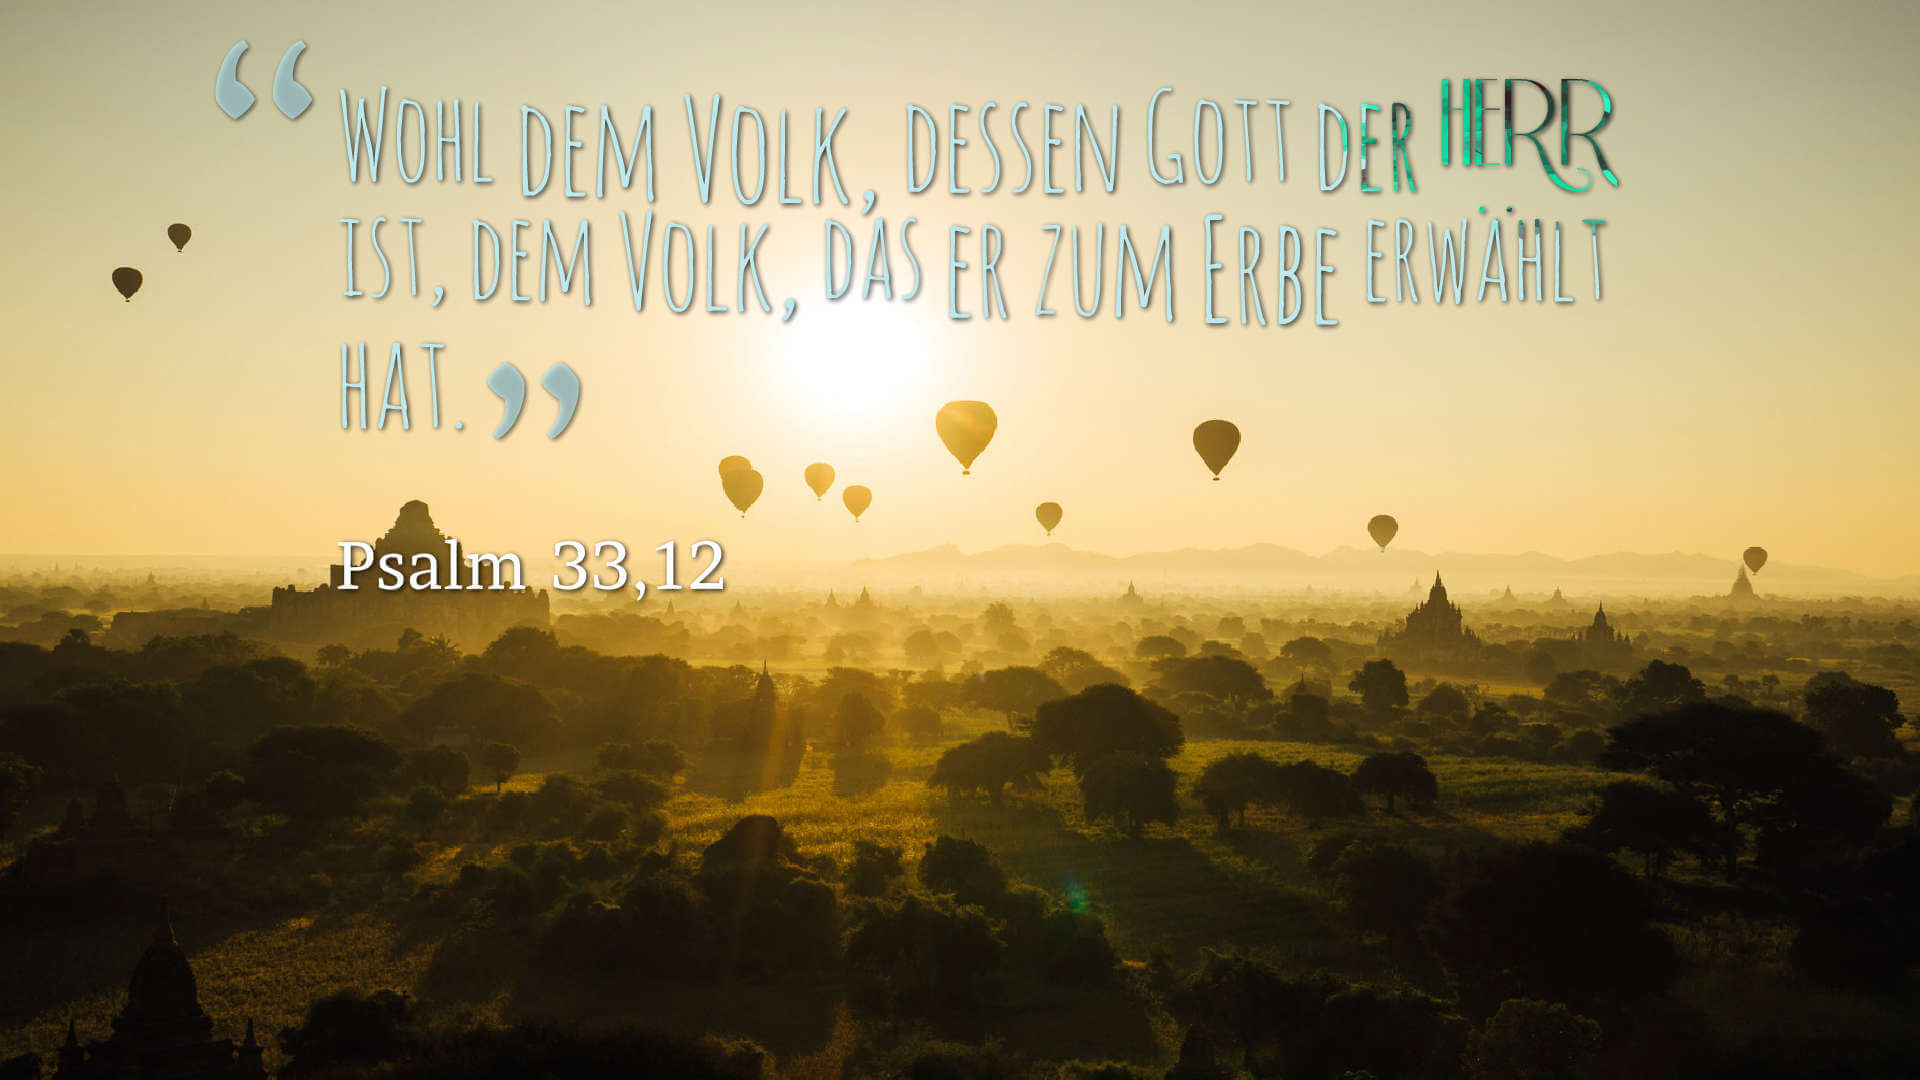 Wohl dem Volk, dessen Gott der HERR ist, dem Volk, das er zum Erbe erwählt hat. - Psalm 33,12